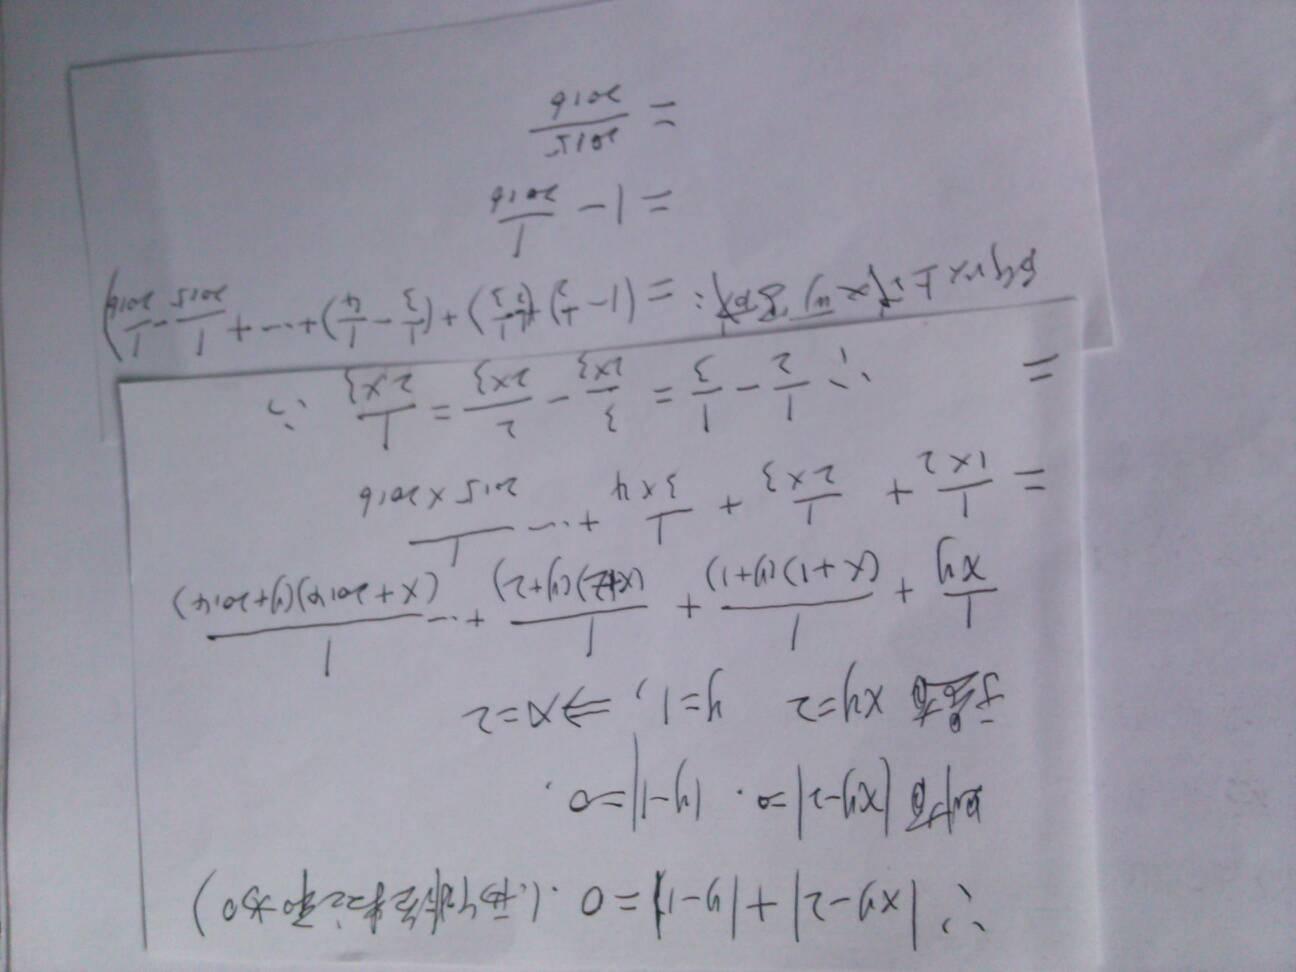 墙体裂缝仺(iy��y�b_已知ixy-2i与iy-1|互为相反数试求xy分之1 (x 1)(y 1)